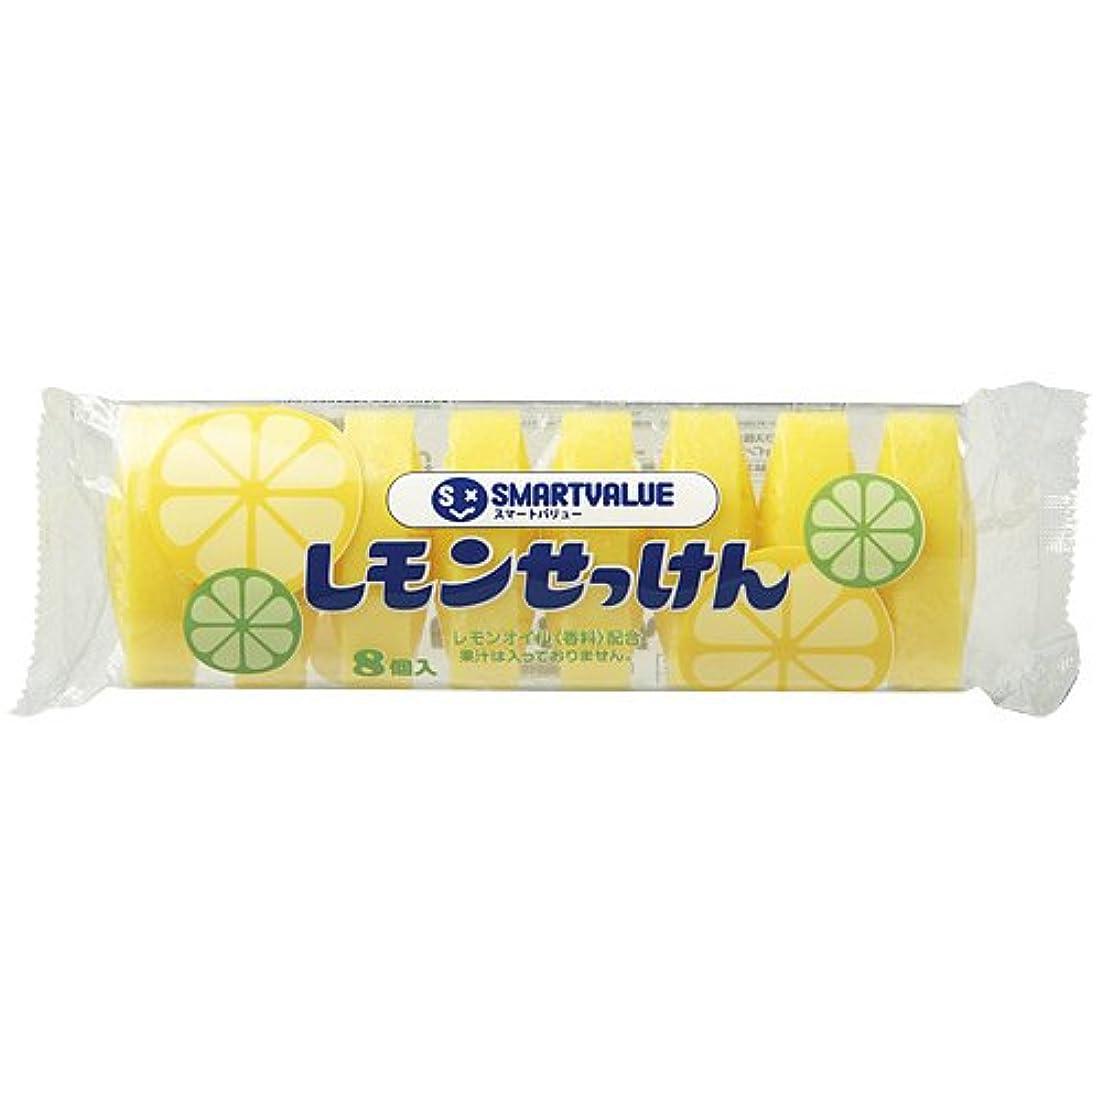 モザイク吸収する死ぬJTX レモン石けん8個入 N112J